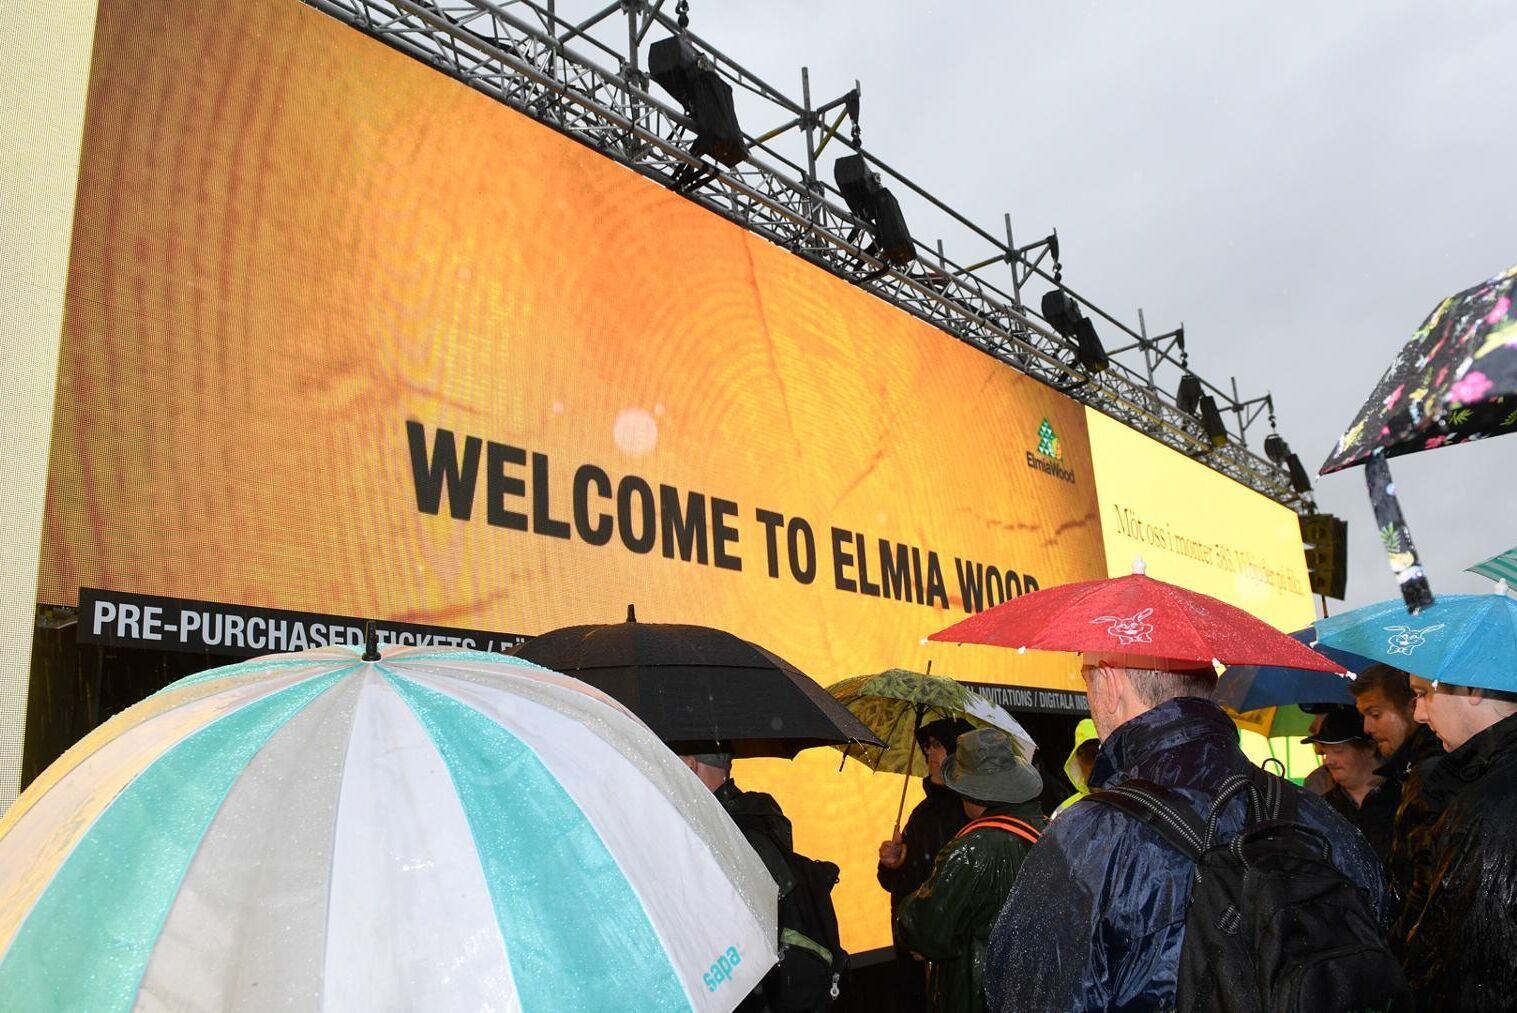 Elmia 2017 hade otur med vädret och hade regn under större delen av mässans dagar.